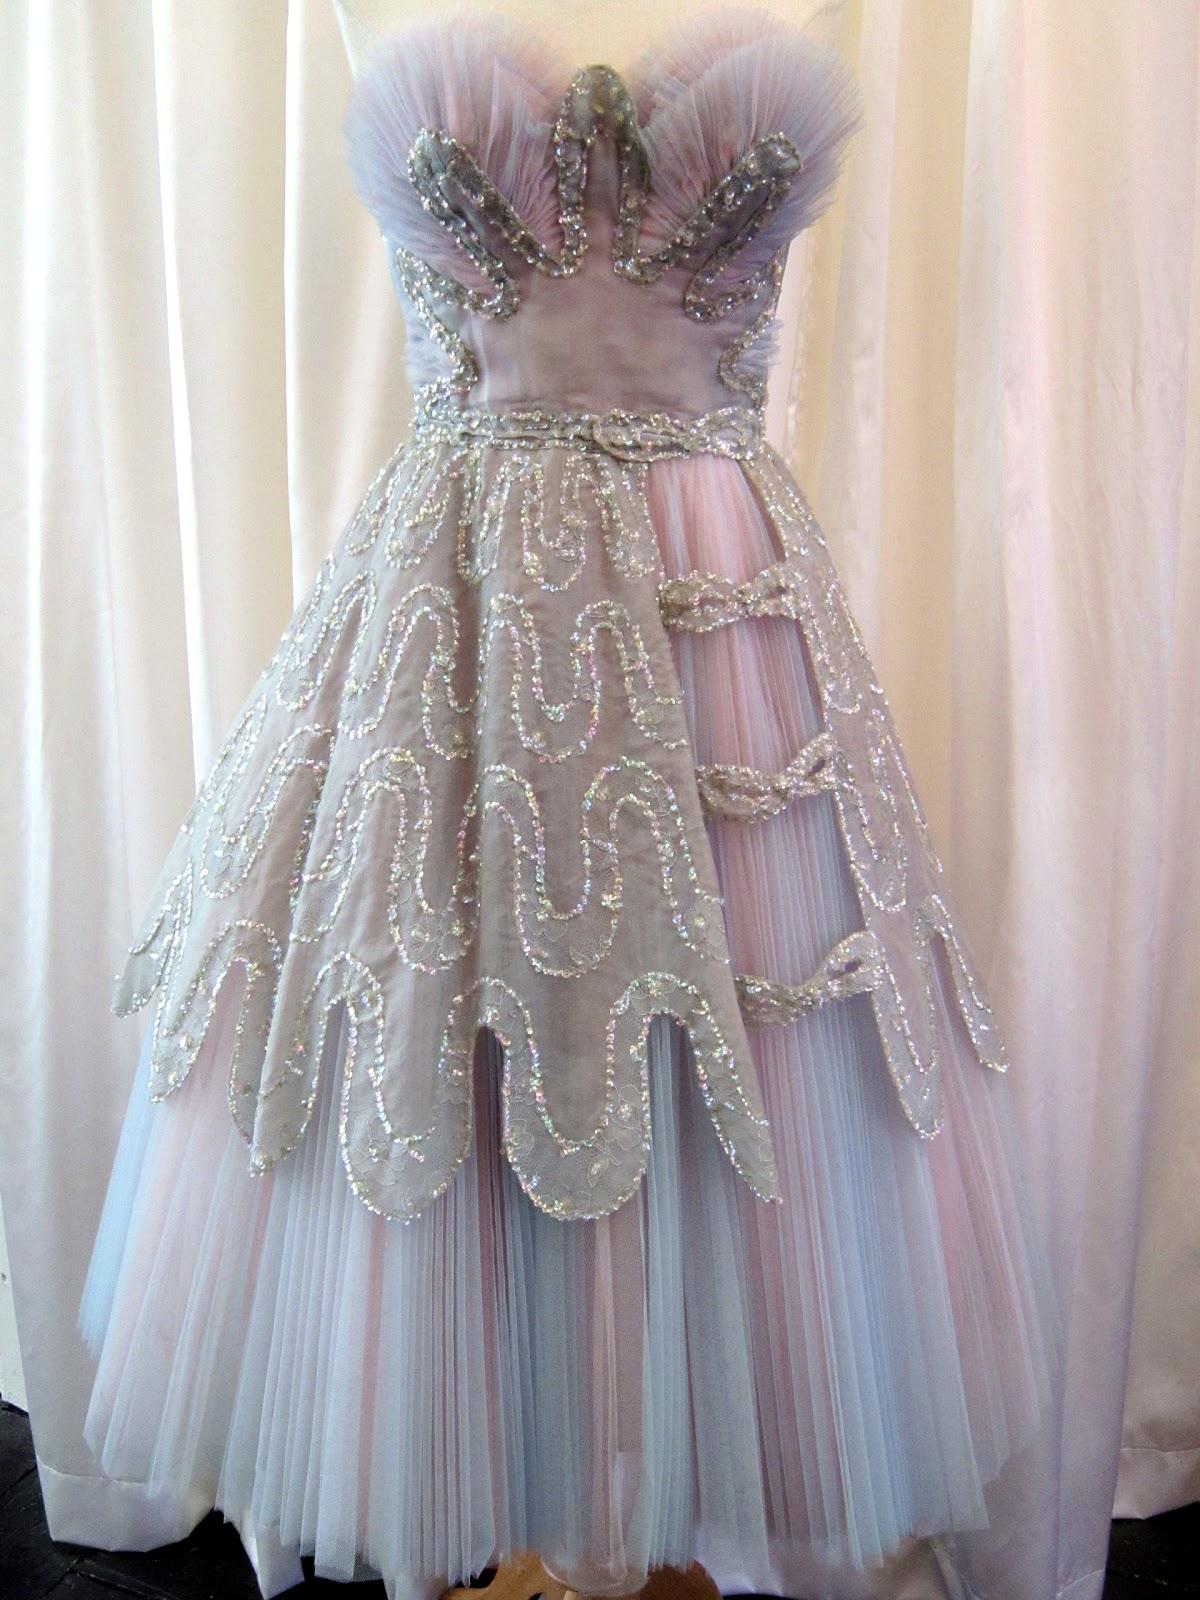 1950s Evening Dresses Wwwpicsbudcom